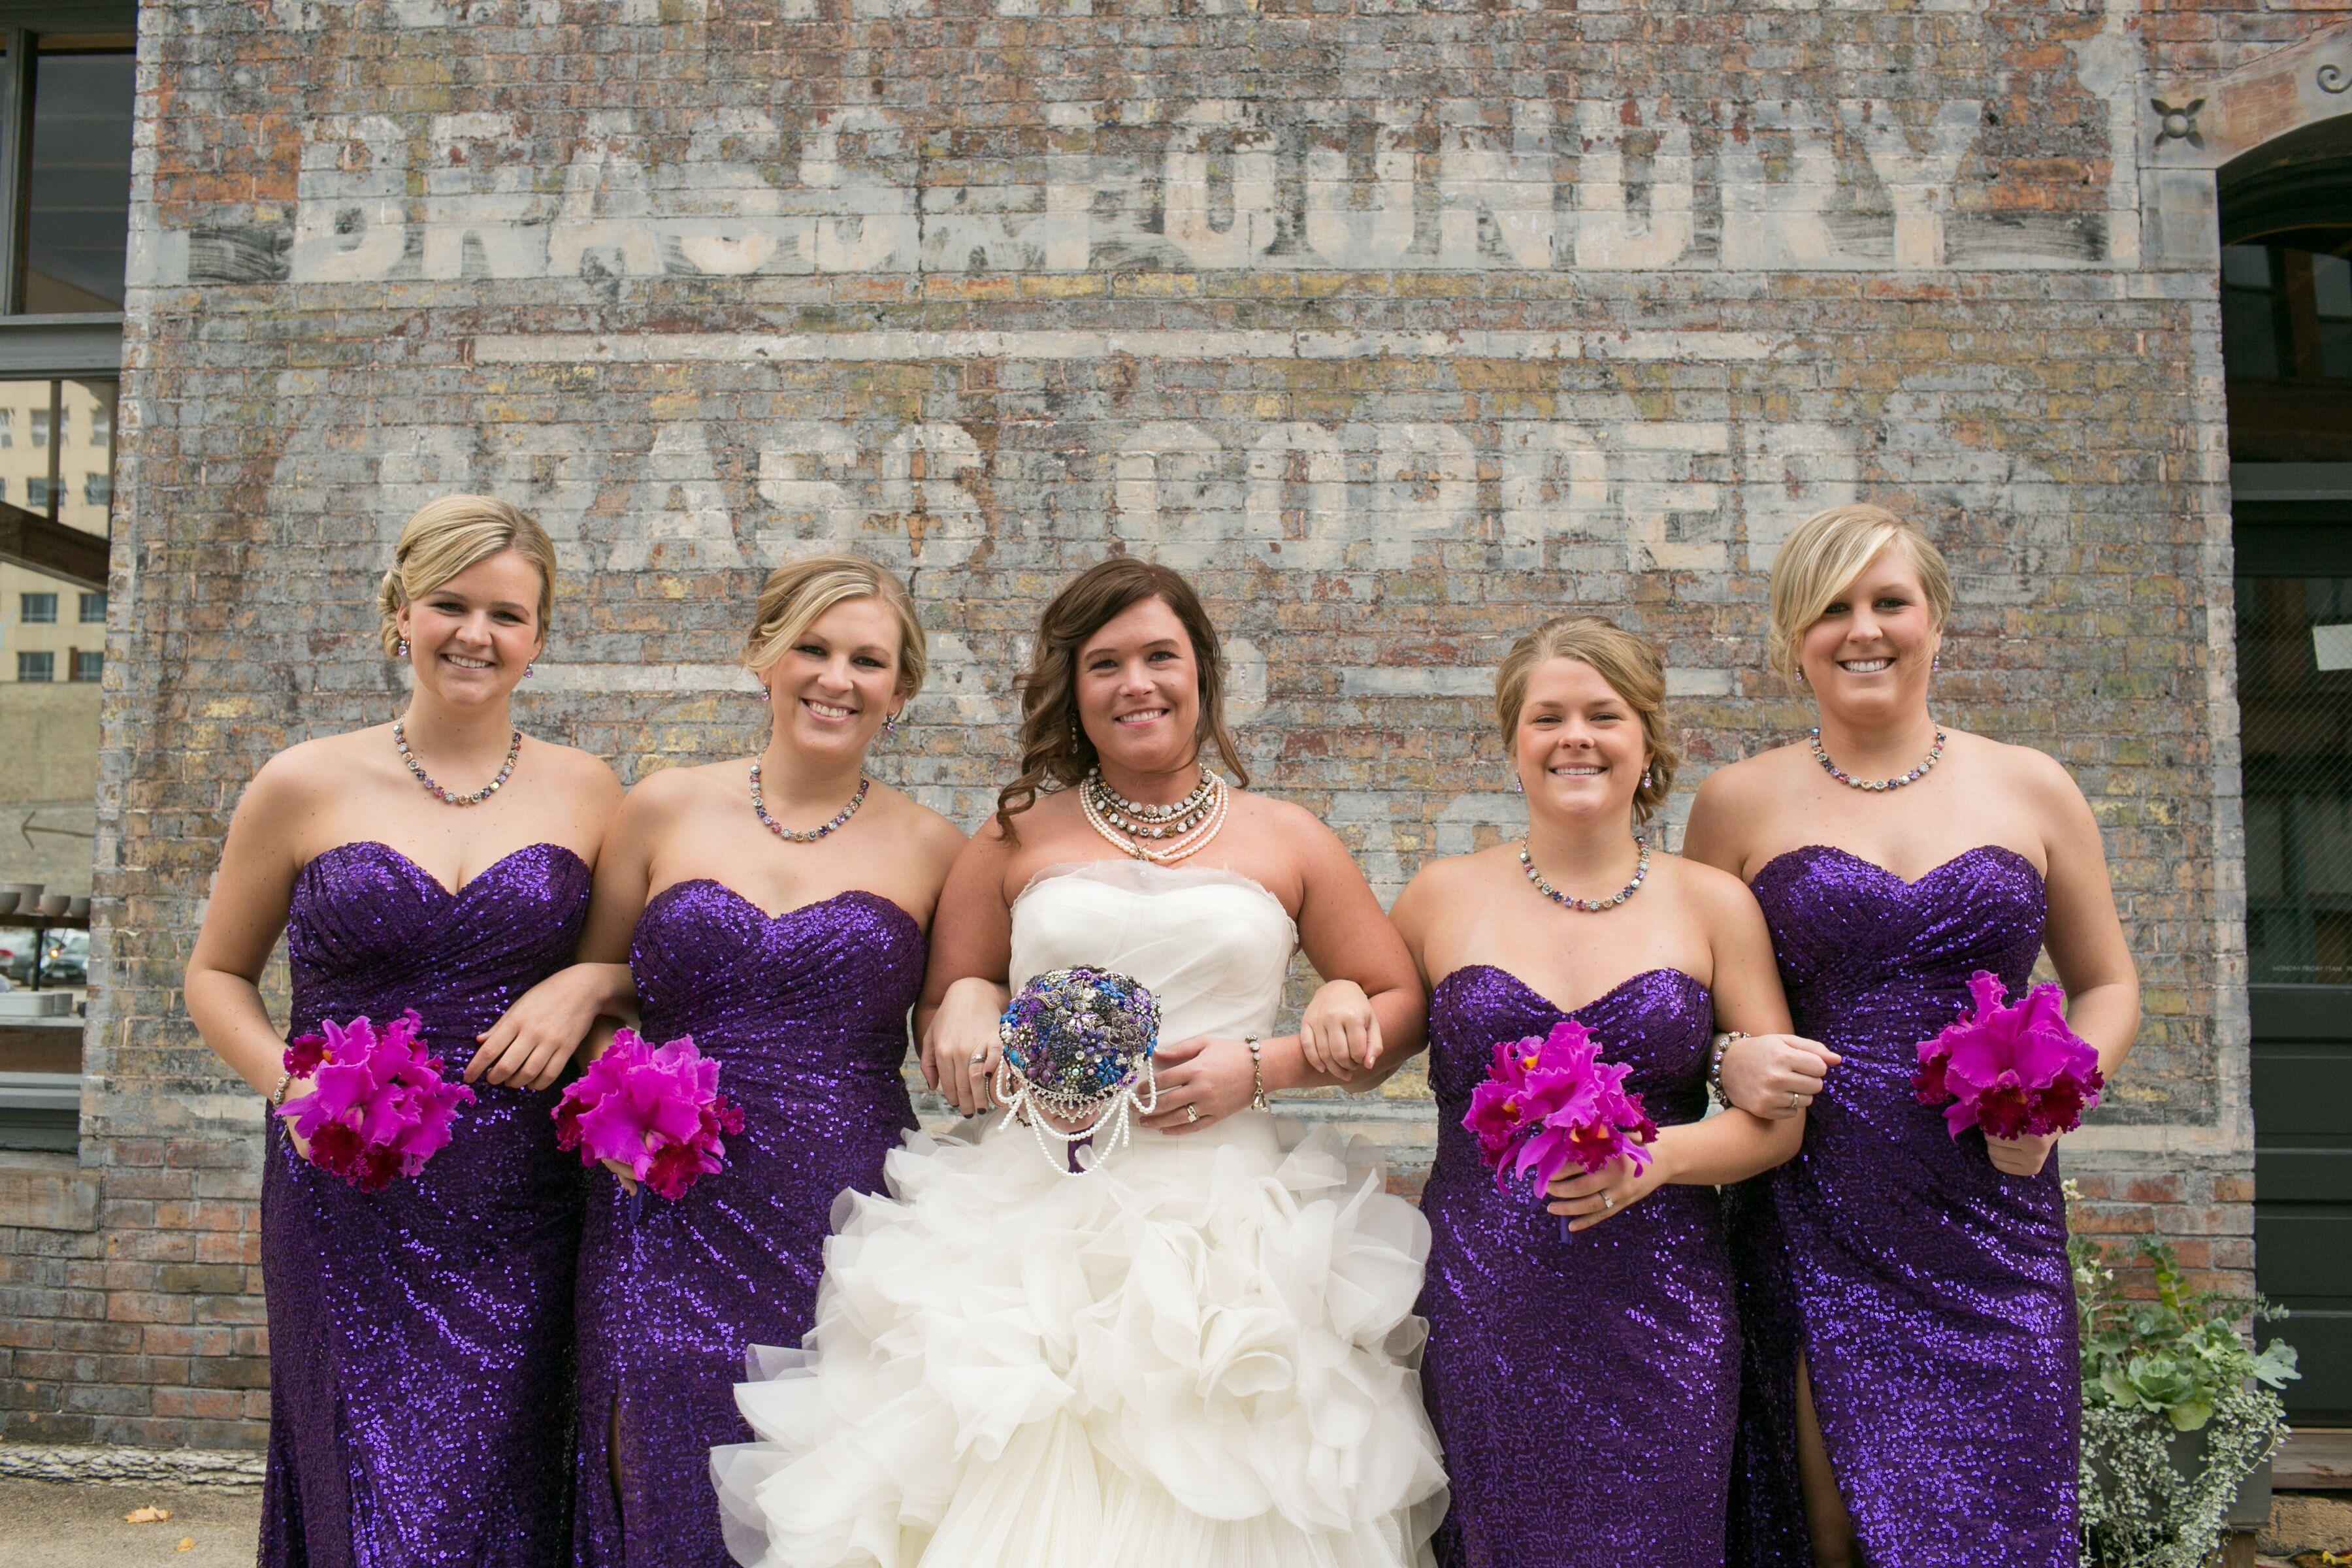 Purple glitter bridesmaid dressesbridesmaid dressesdressesss purple glitter bridesmaid dresses ombrellifo Gallery